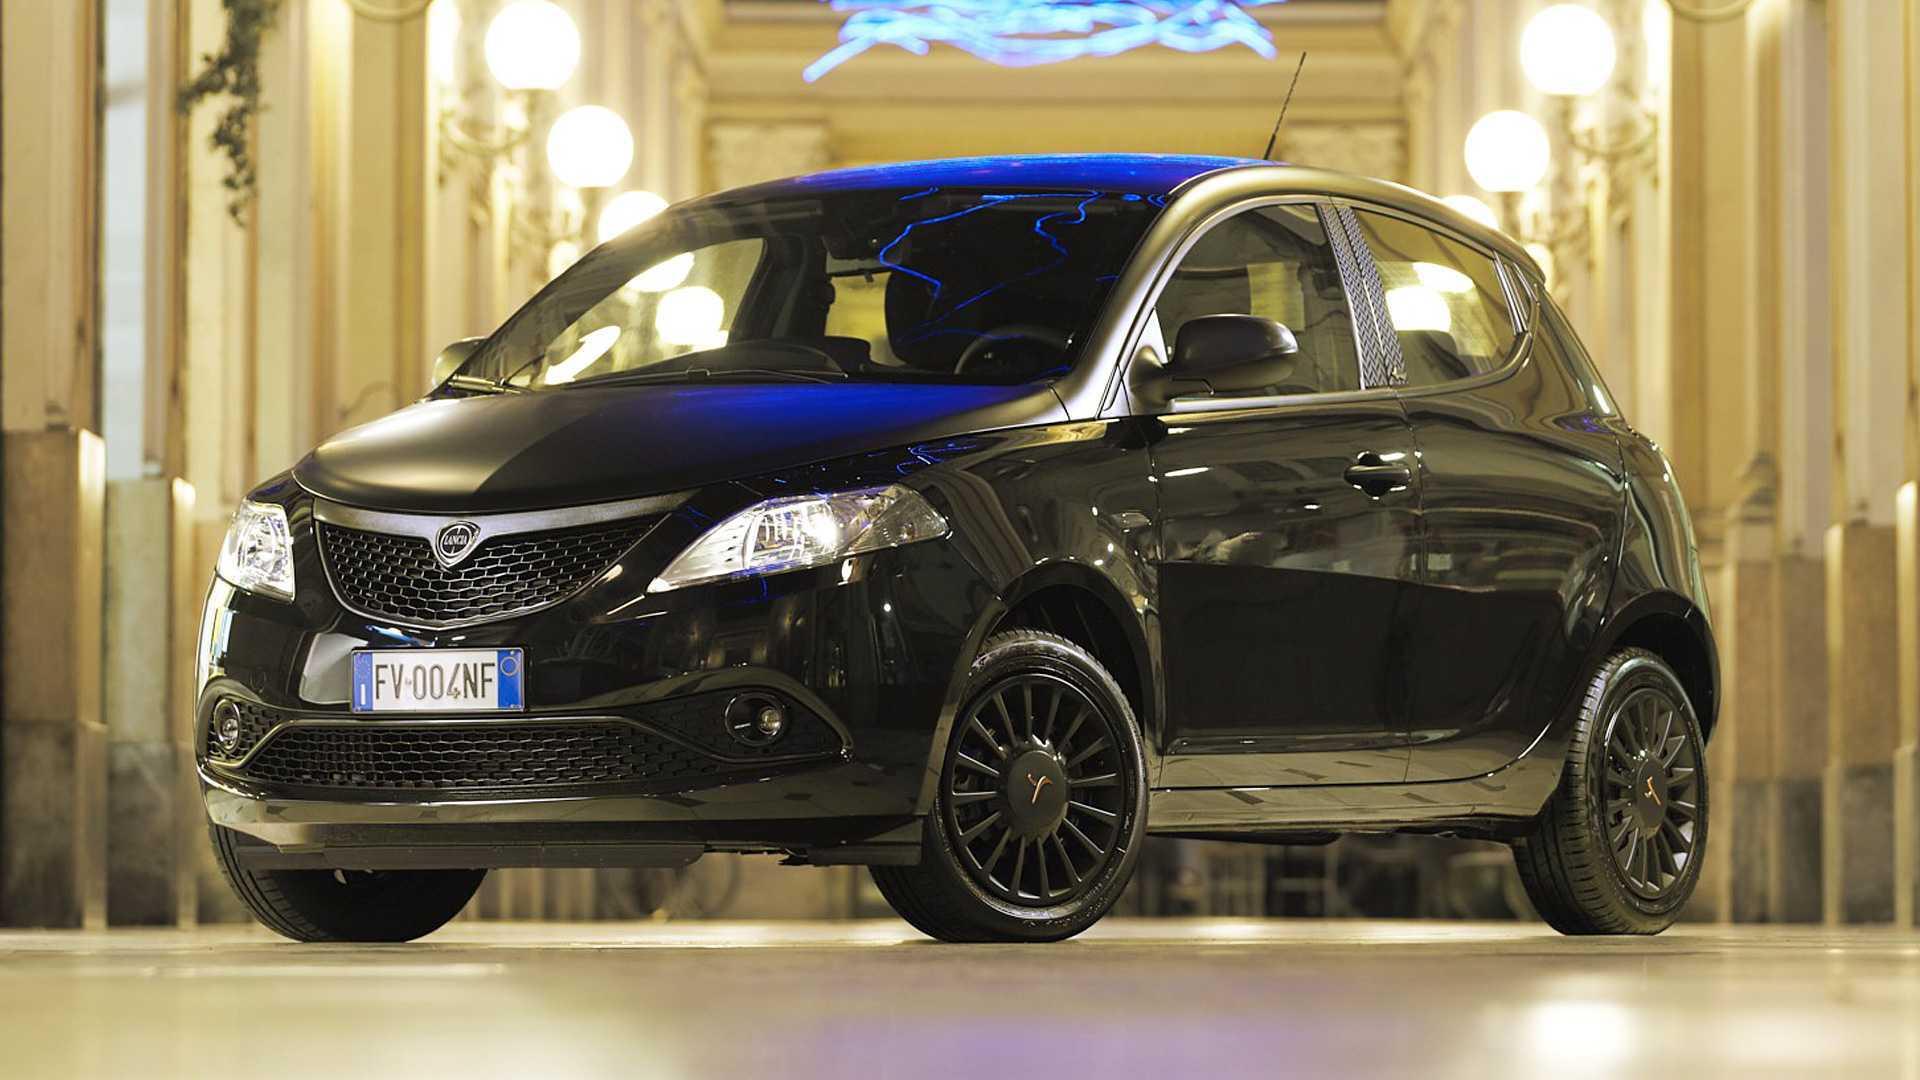 Lancia становится премиальным брендом в эпоху Stellantis